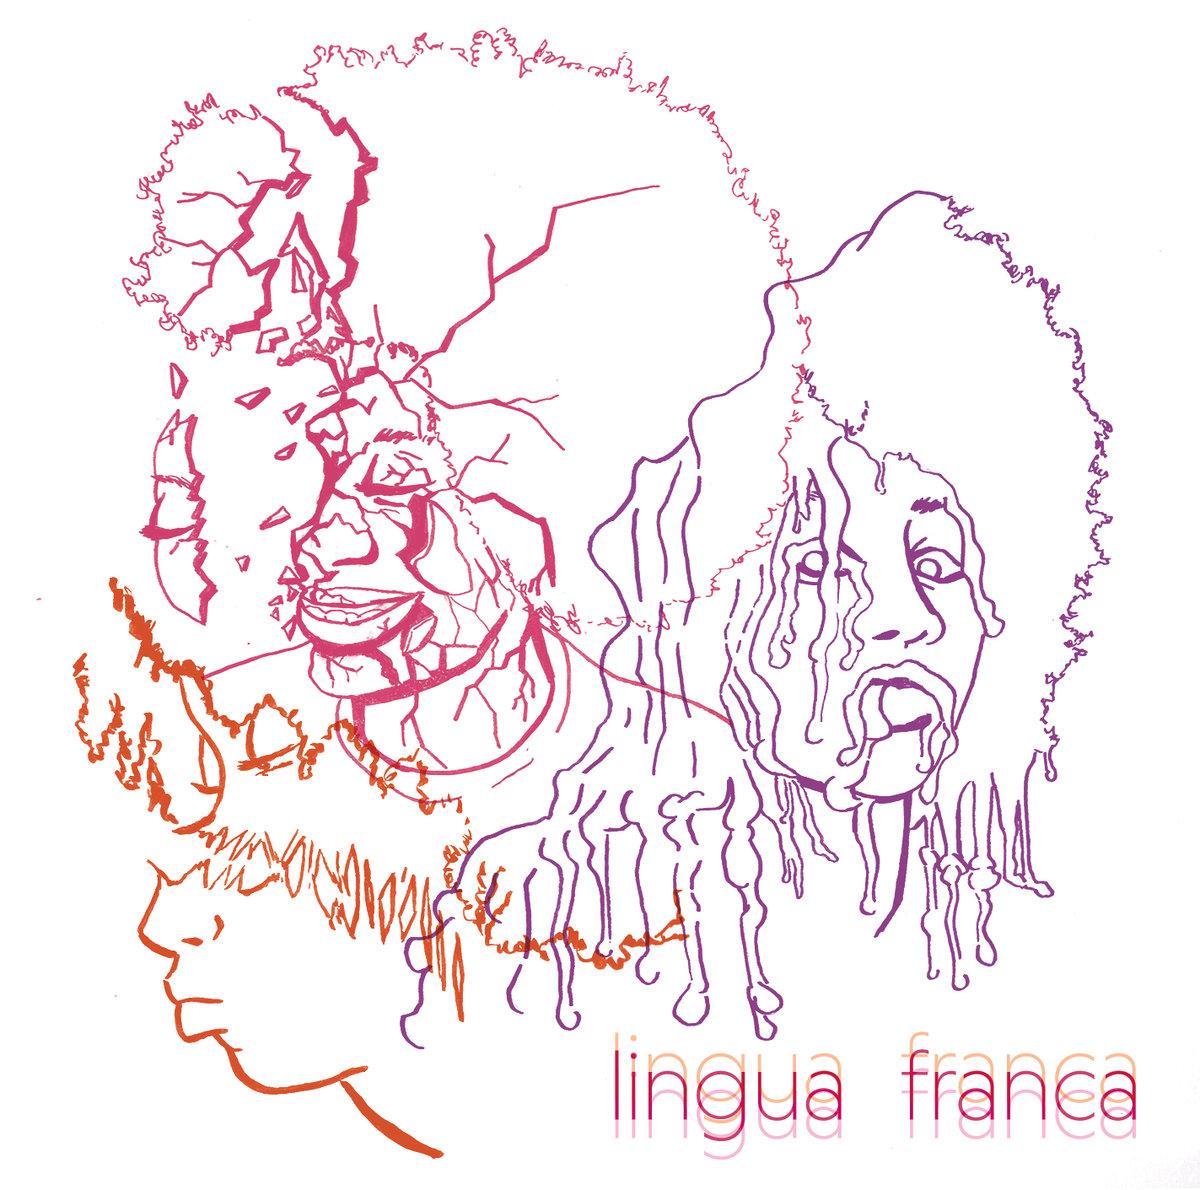 Lingua Franca - Linqua Franqa